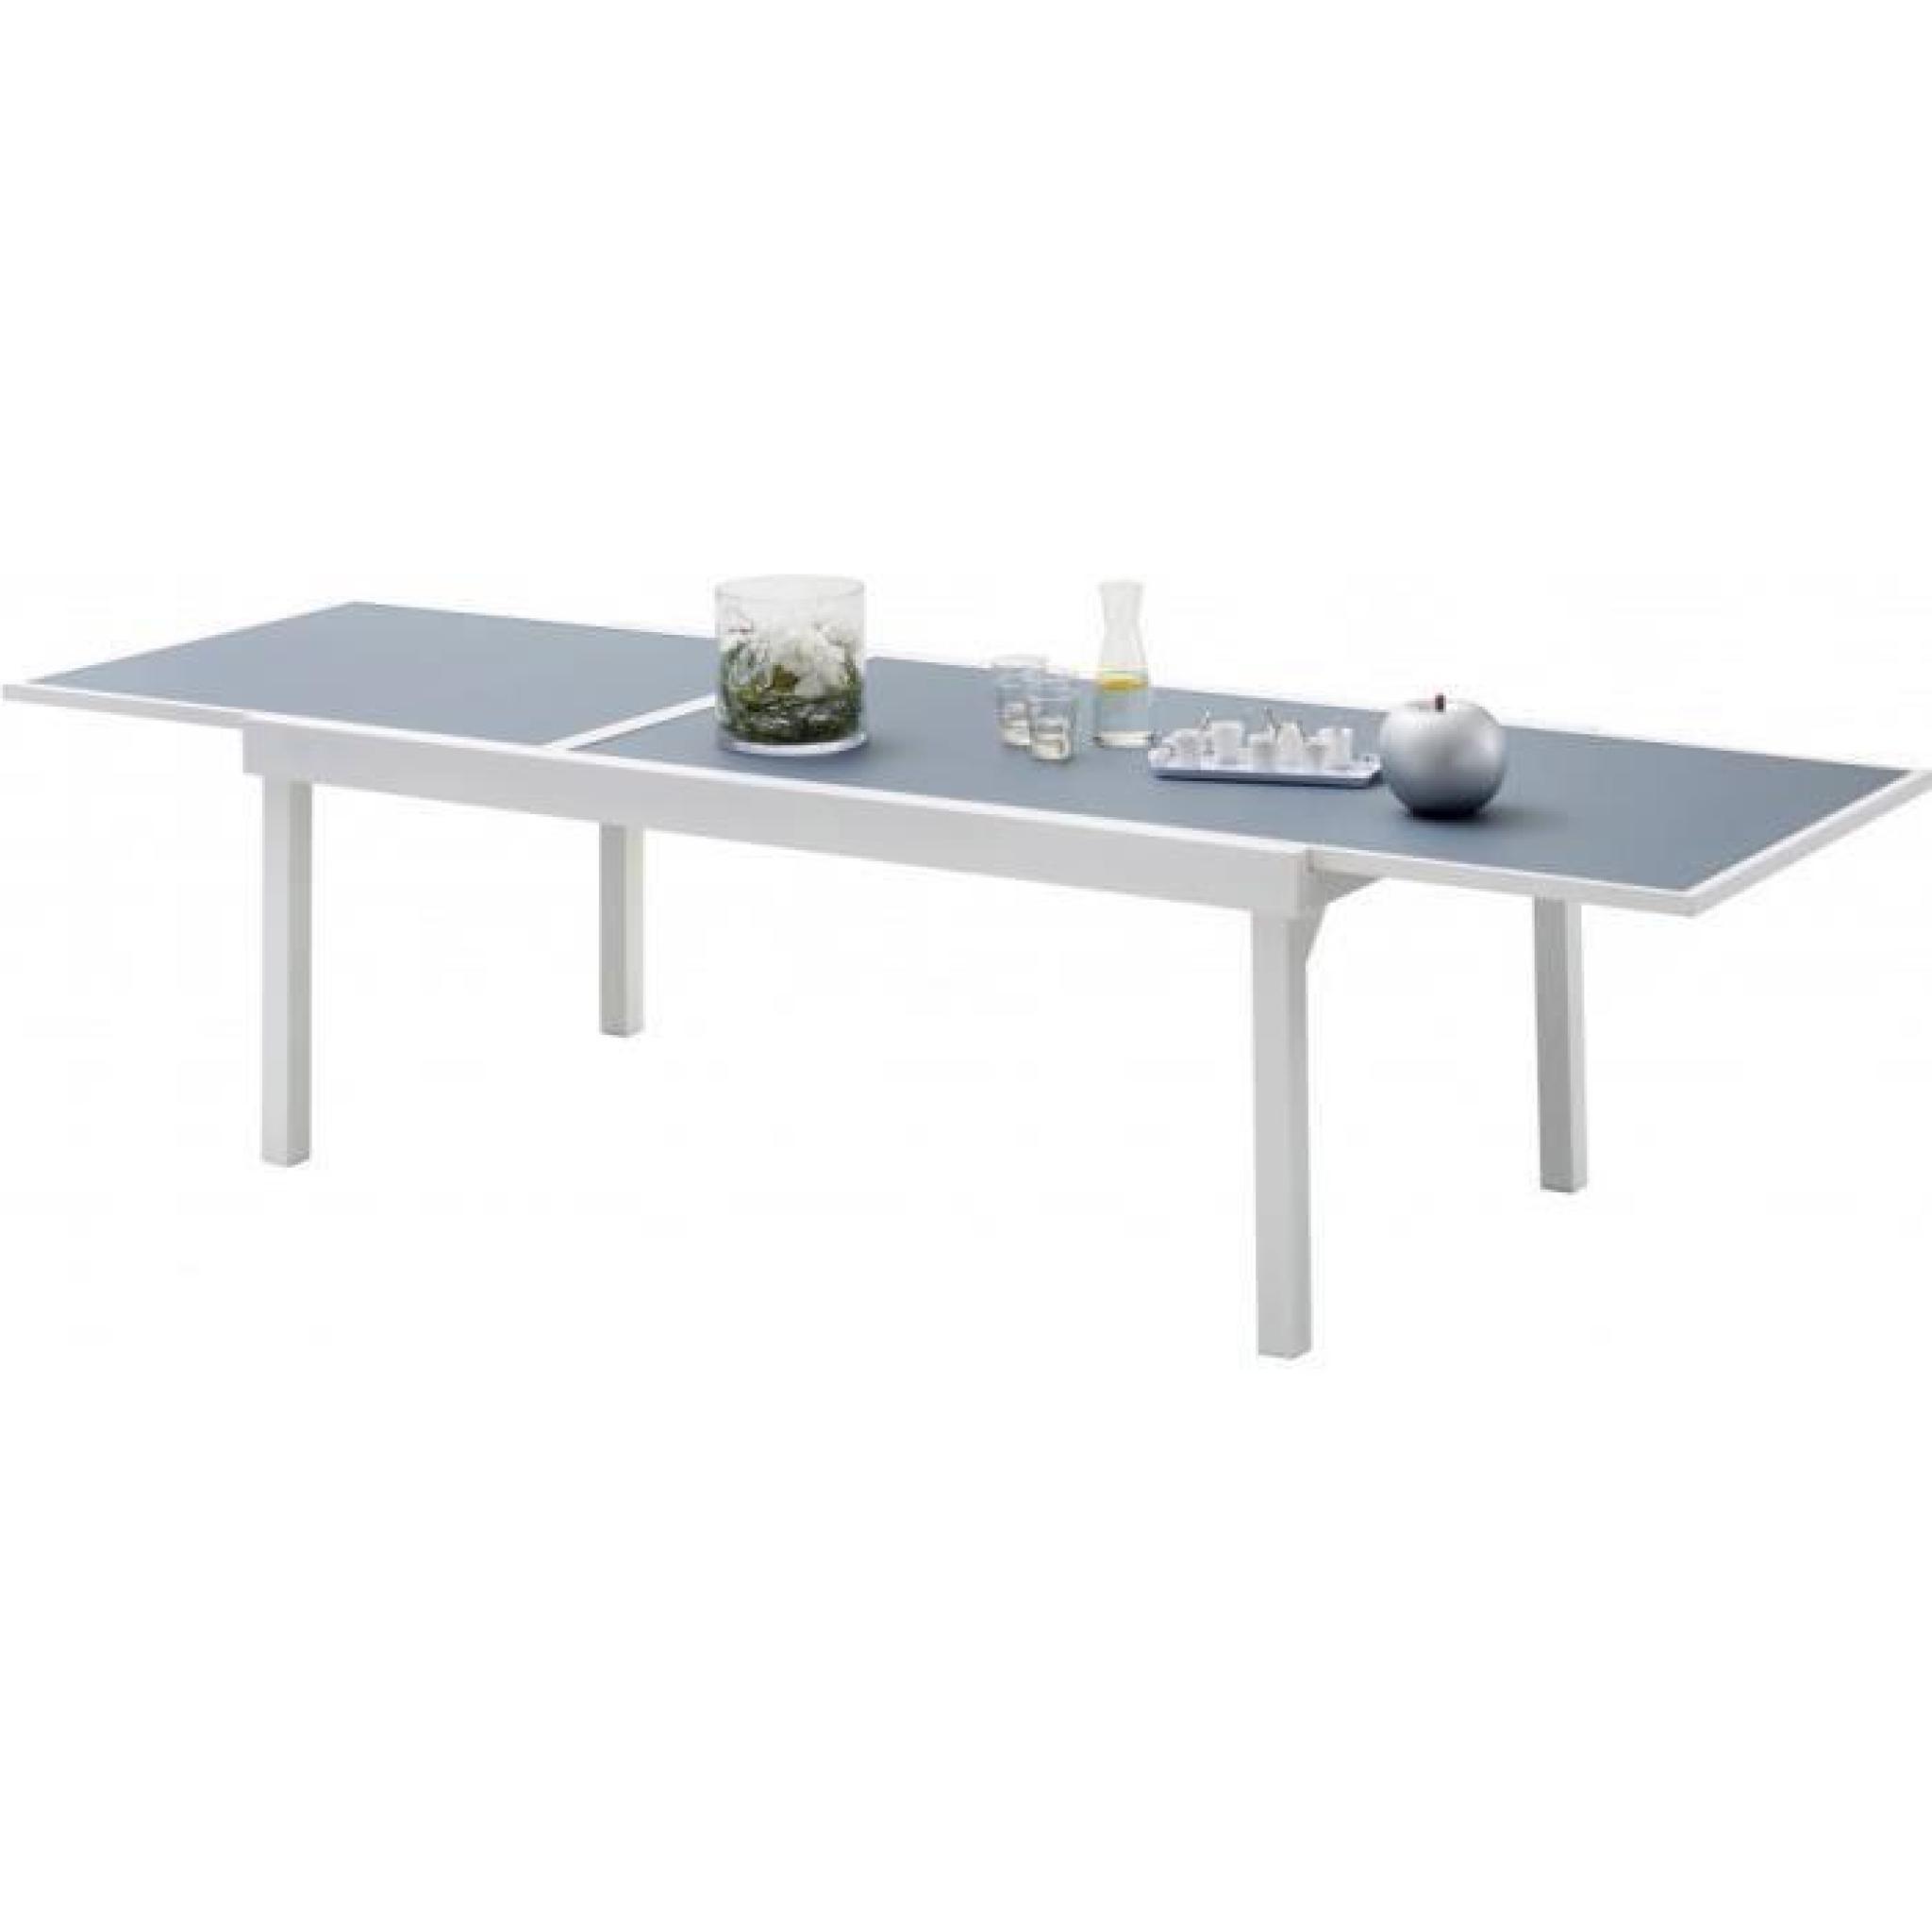 Table De Jardin Rectangulaire Extensible Aluminium Blanc Et Verre Trempé  Gris L135 tout Table De Jardin Extensible Pas Cher